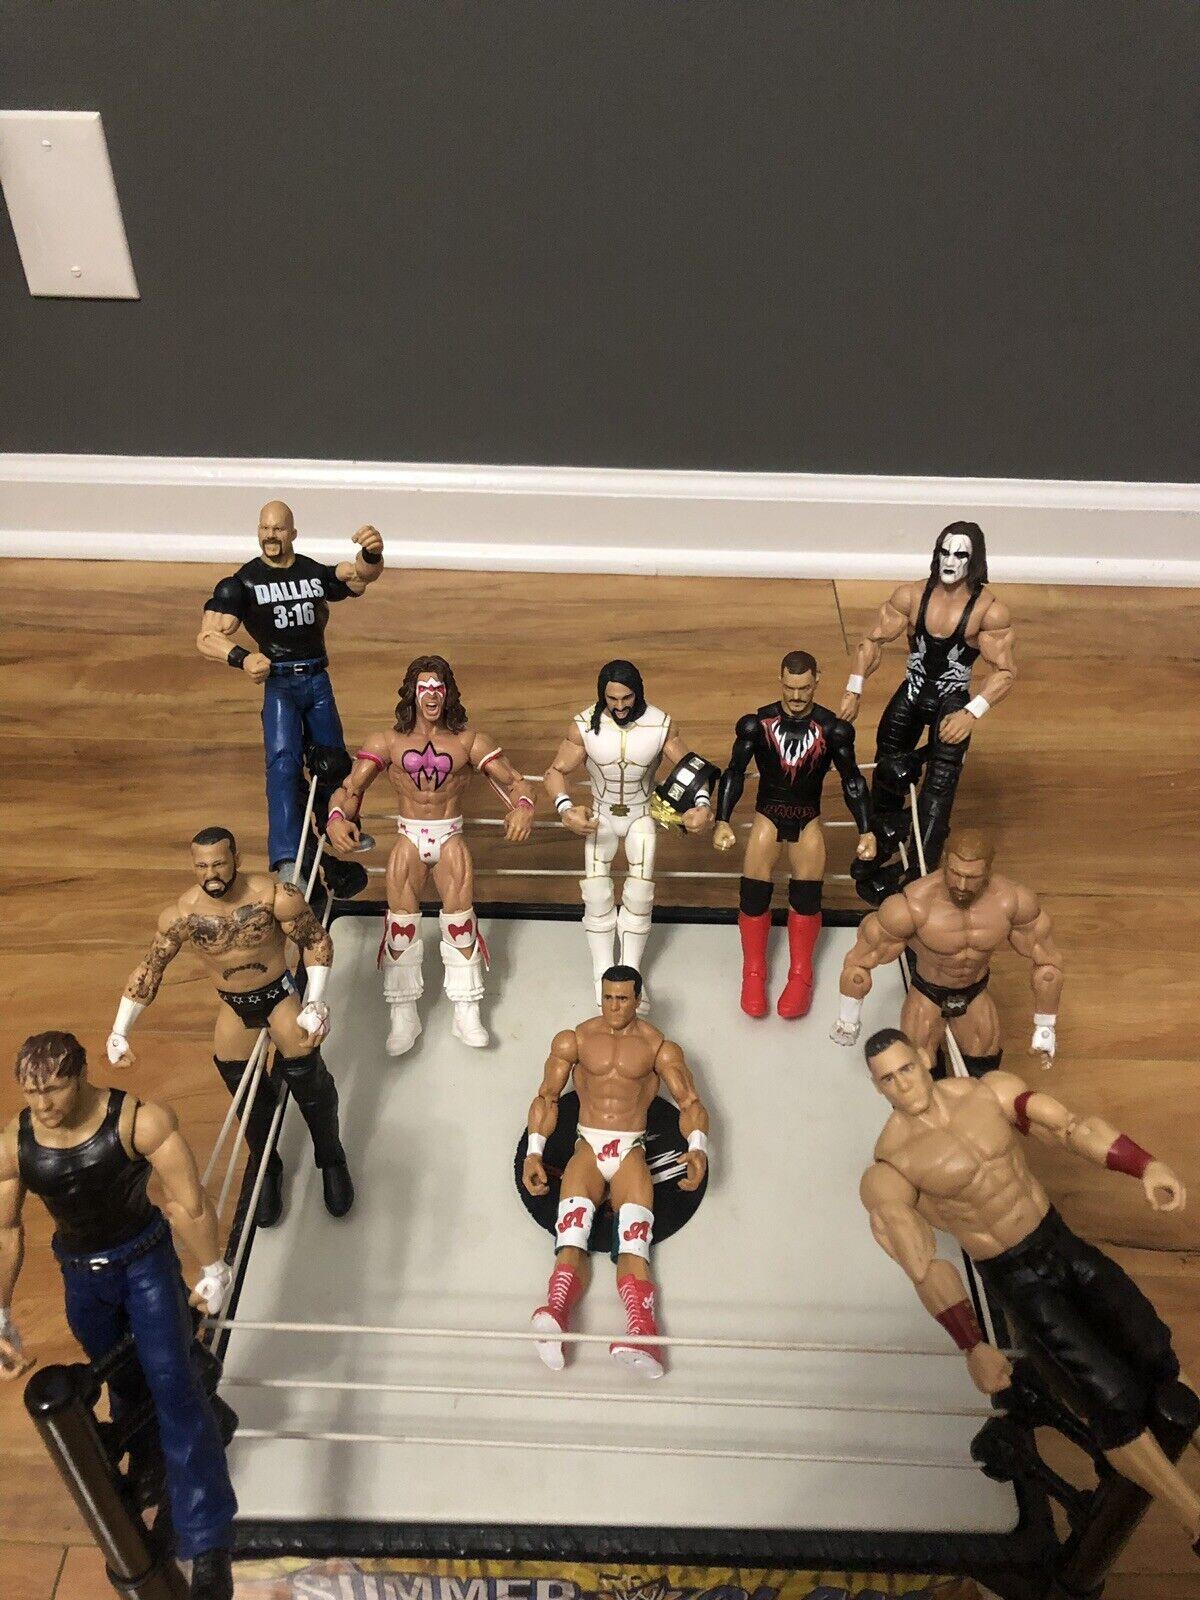 Lot Of 10 Wwe Wrestlers